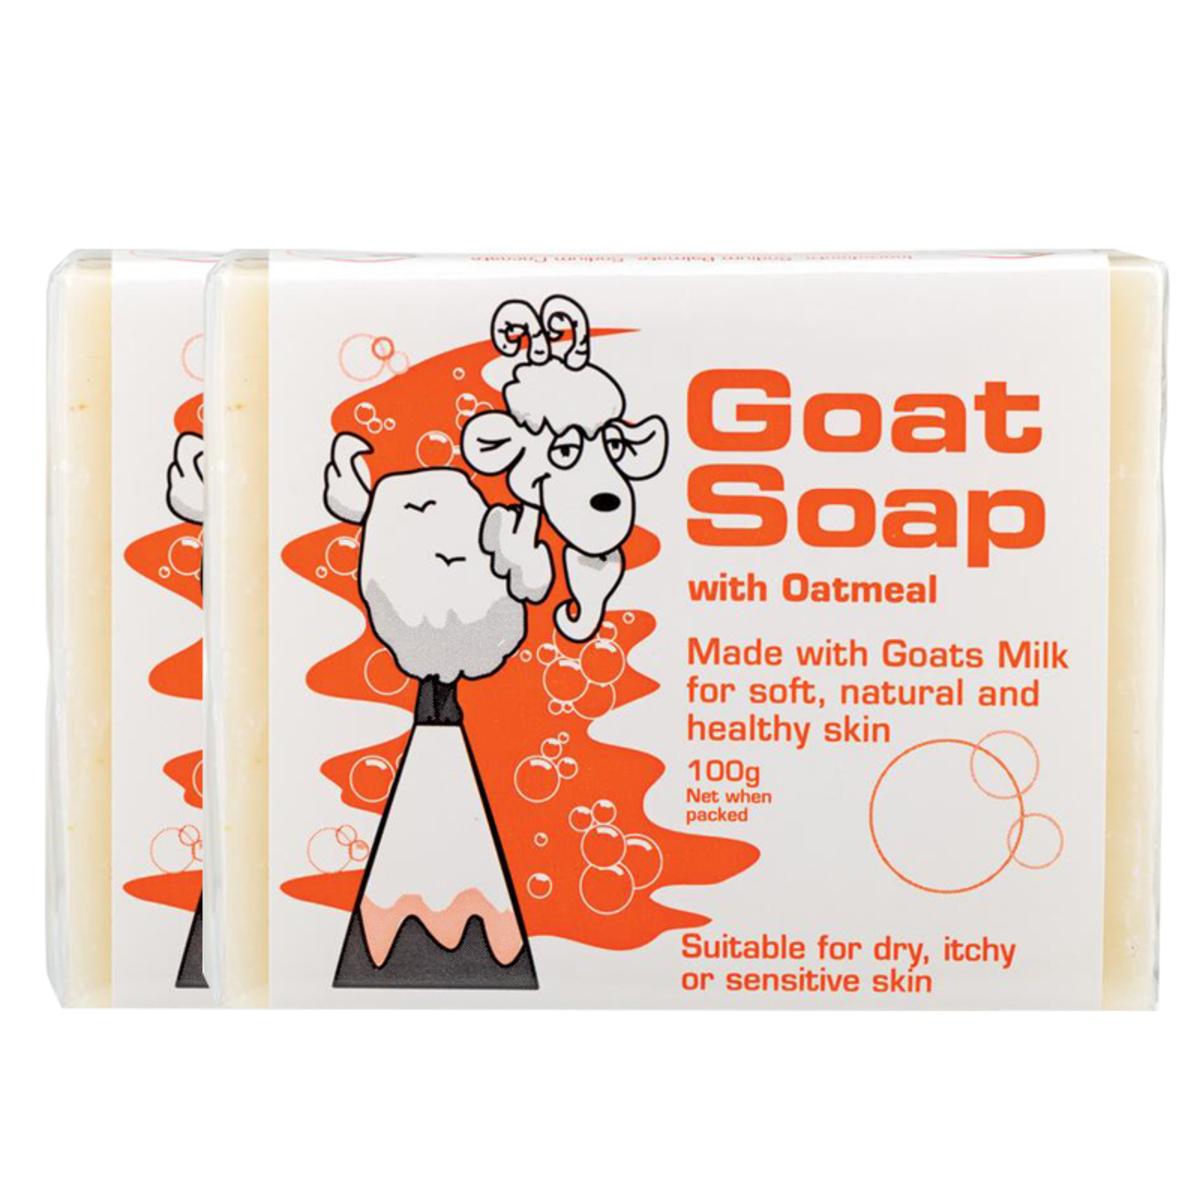 Goat Soap 澳洲純羊奶皂 - 燕麥(2件裝) (平行進口)